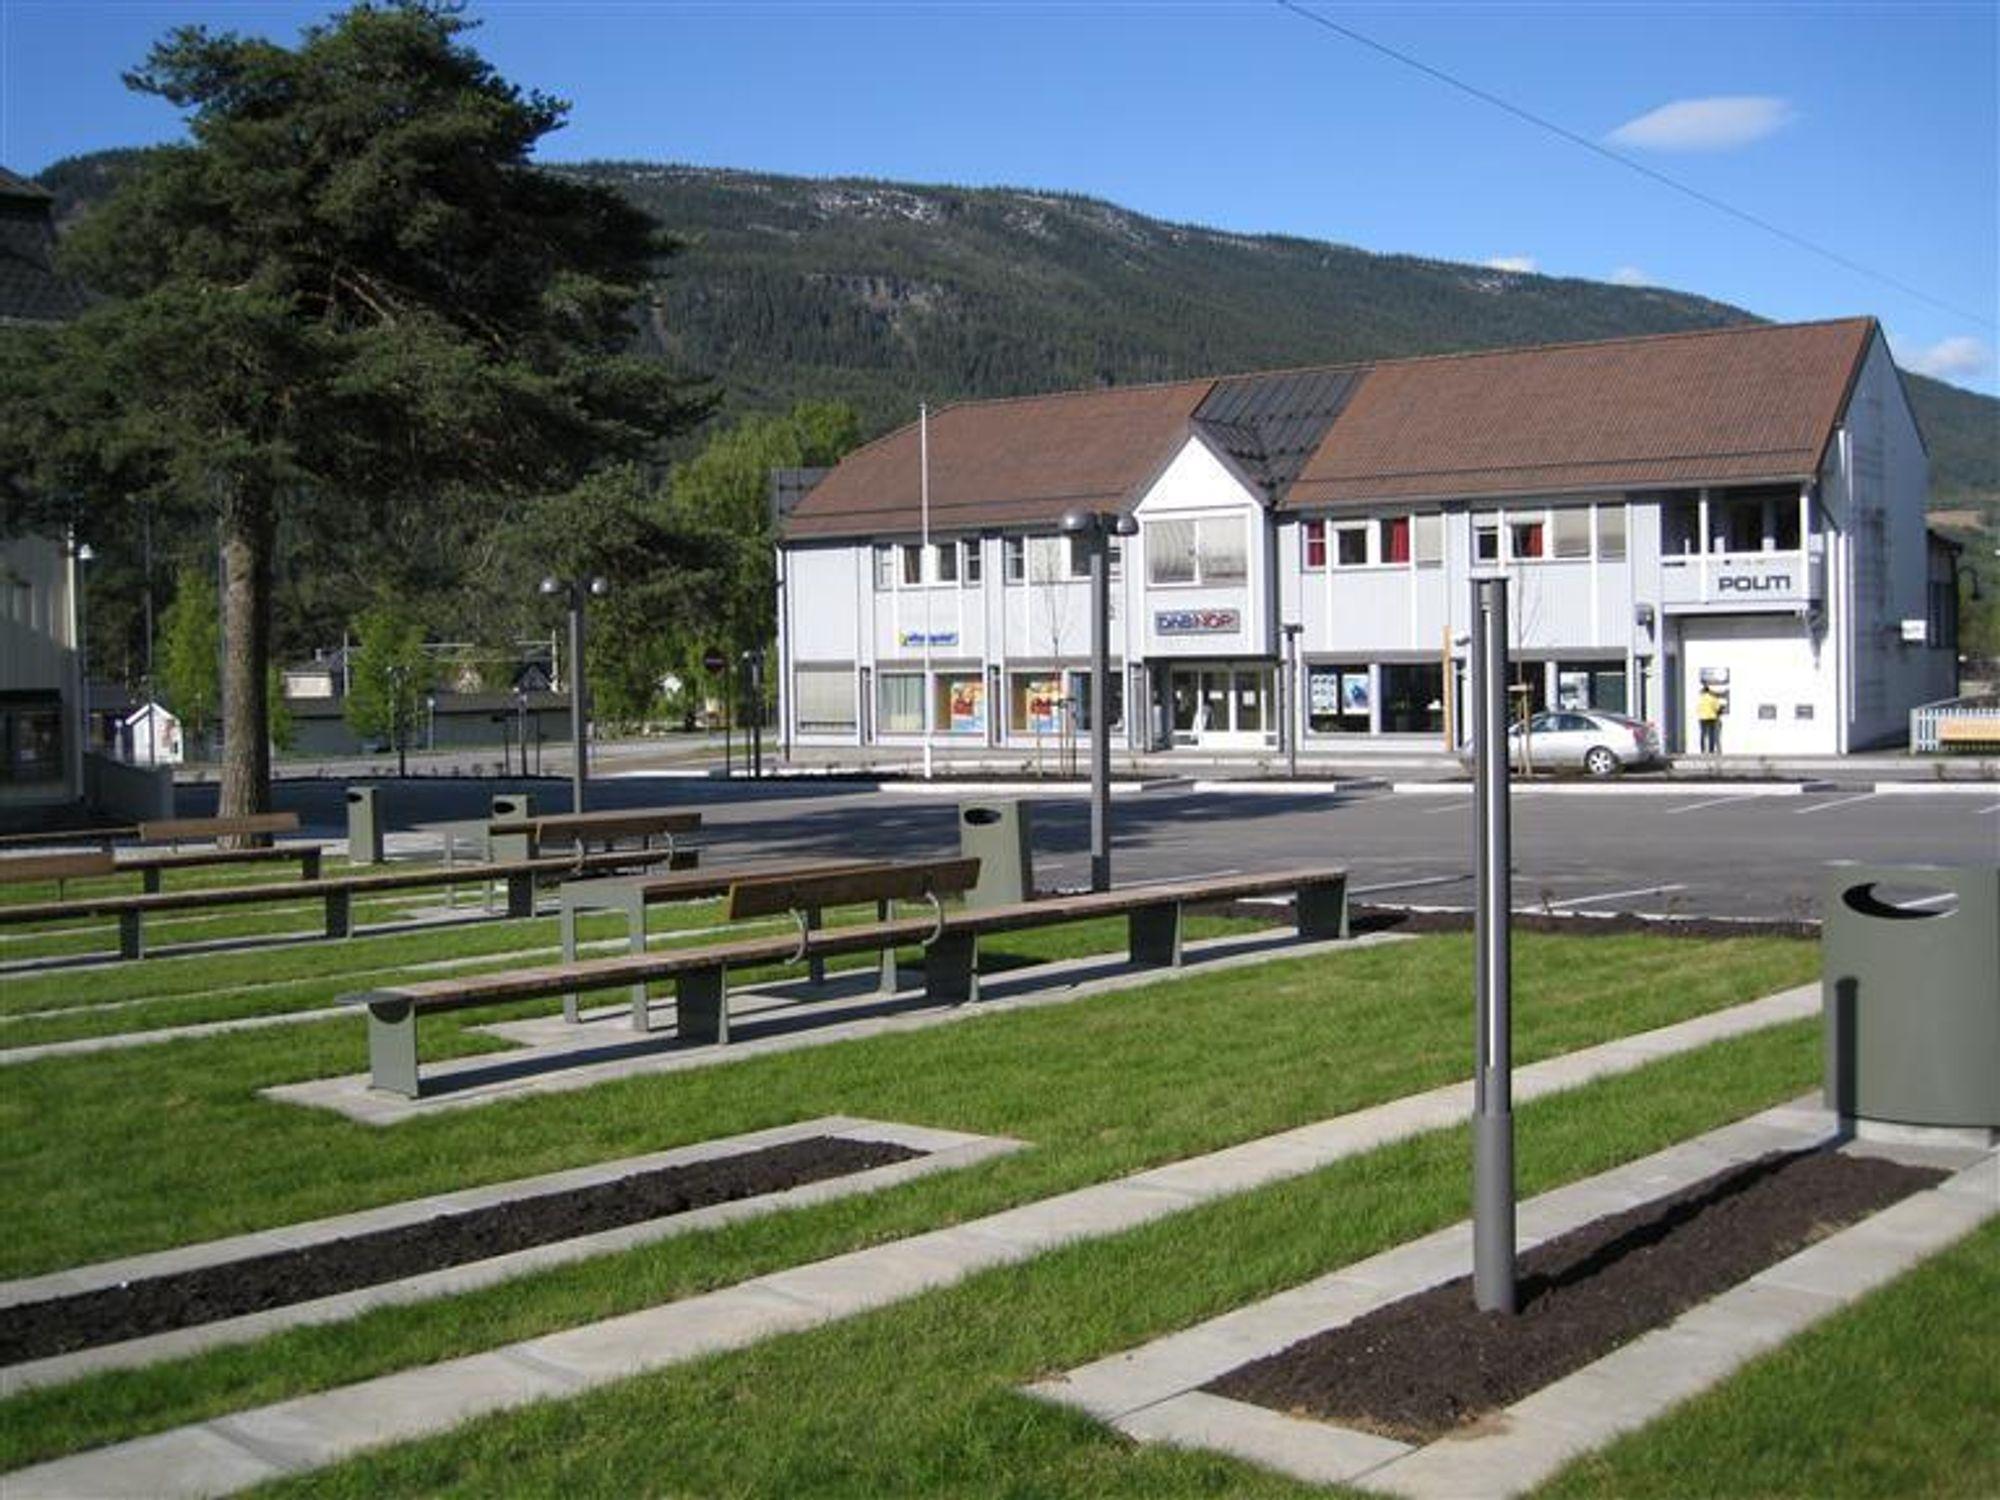 VANT: Kaupangerparken er et av områdene Ringebu har trukket frem i sin søknad. I dag vant de kampen om Statens Bymiljøpris, som eneste landsby i konkurranse med fire bykommuner.